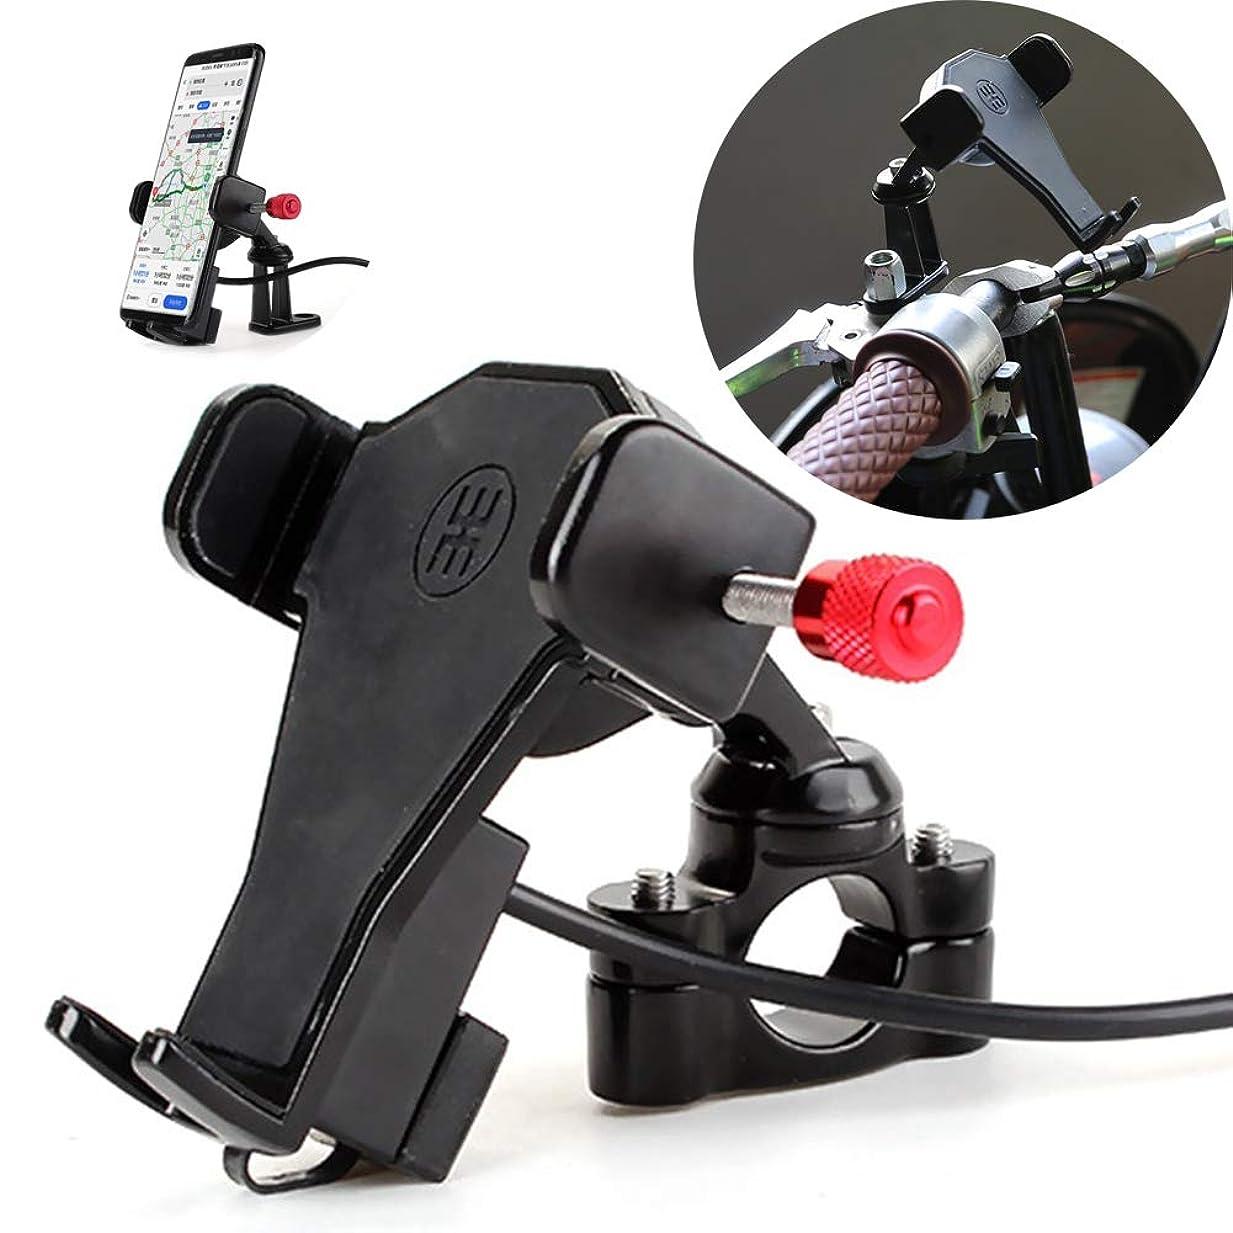 店主間違えたフォロー自転車オートバイ携帯電話マウントホルダー - USB充電器付き360度回転、3.5-6.6インチ電話に適しています、あらゆるスマートフォンGPS用 - ユニバーサルマウンテンロードバイクオートバイ